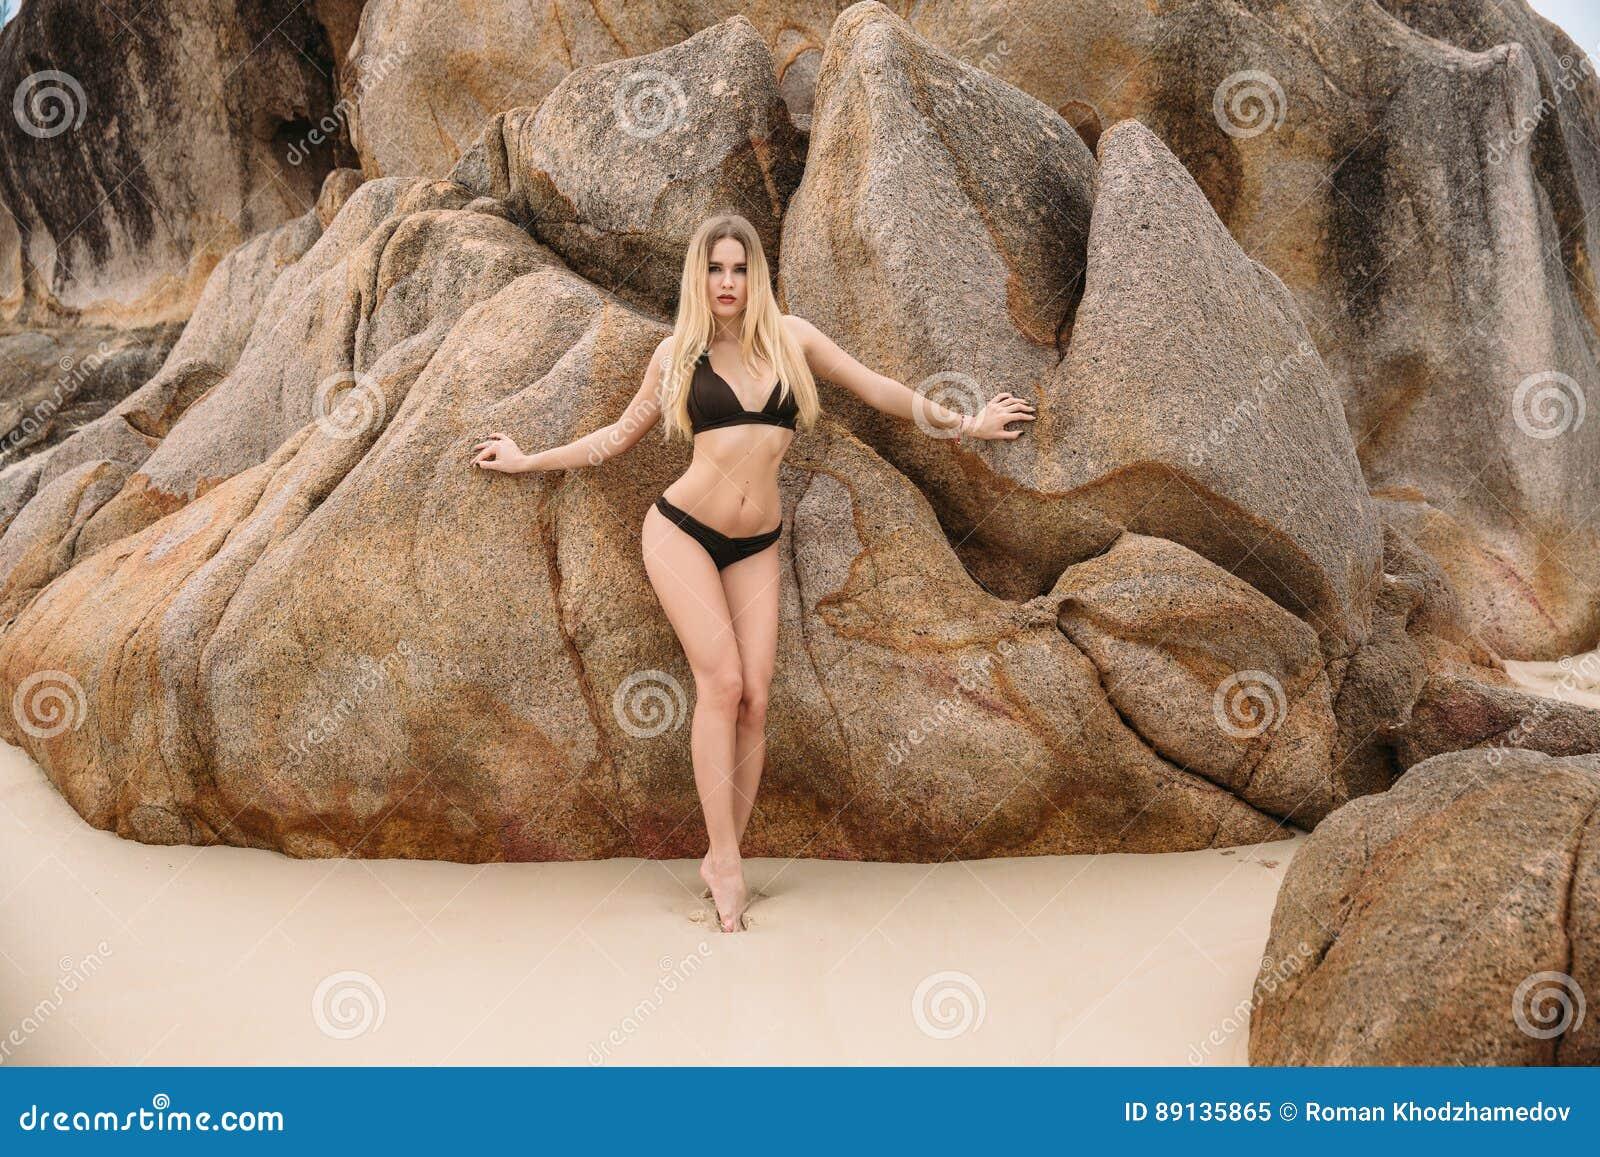 Όμορφη νέα ξανθή γυναίκα στη μαύρη τοποθέτηση μπικινιών στην παραλία Προκλητικό πρότυπο πορτρέτο με το τέλειο σώμα Έννοια